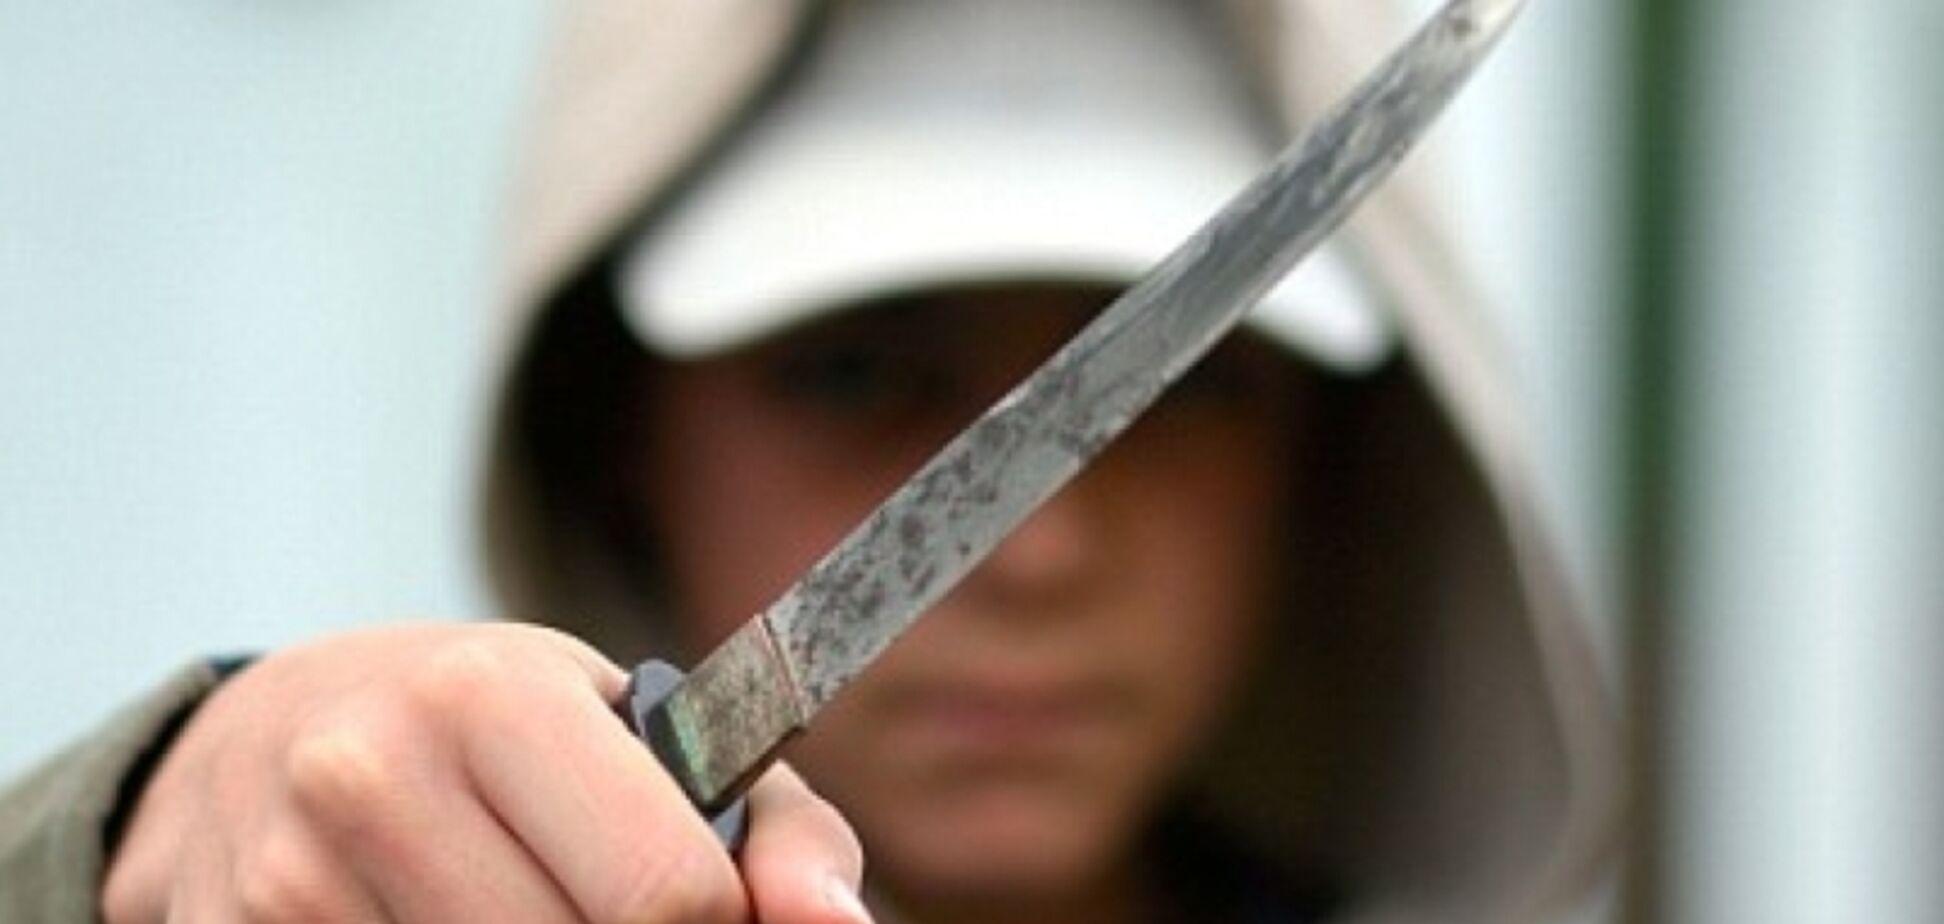 Відбирають телефони і погрожують: в Дніпрі озброєні підлітки залякали все місто